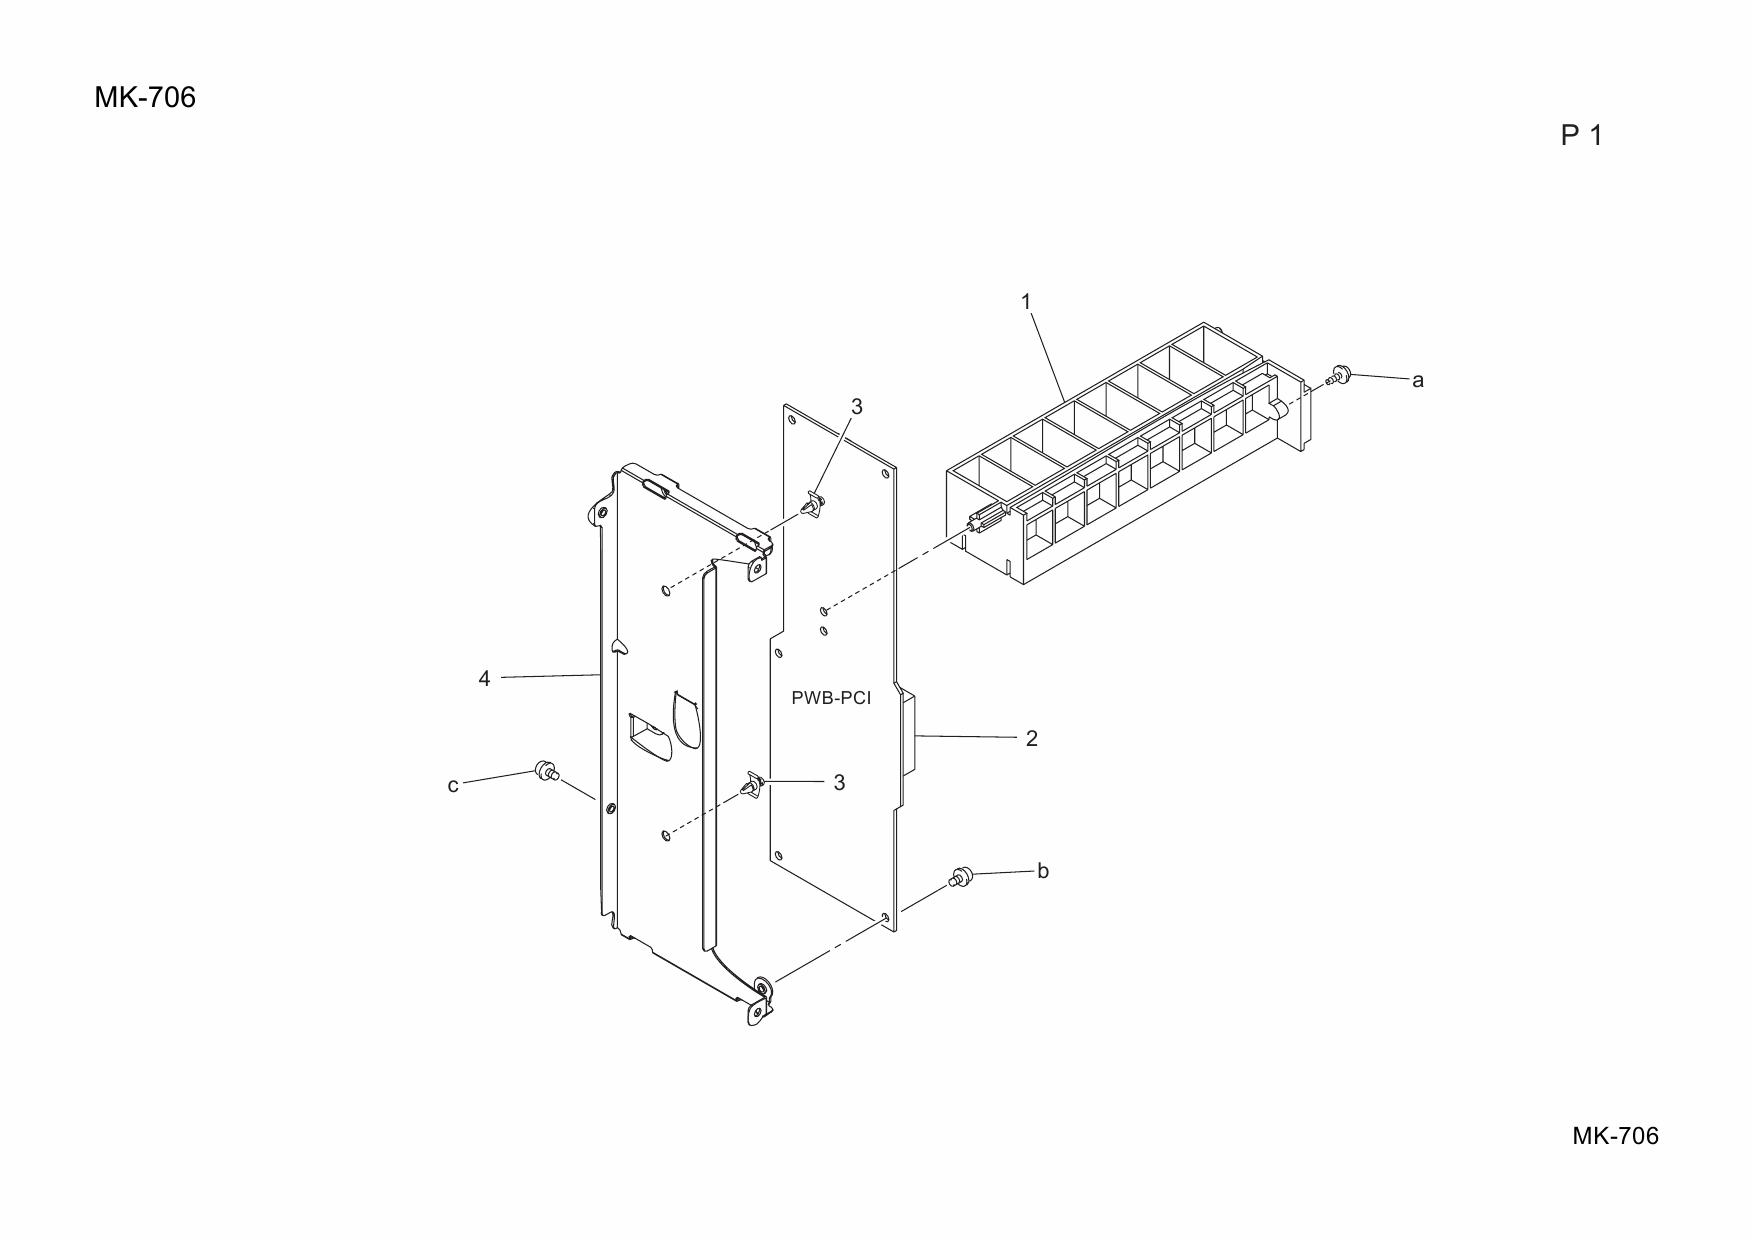 Konica-Minolta Options MK-706 Parts Manual